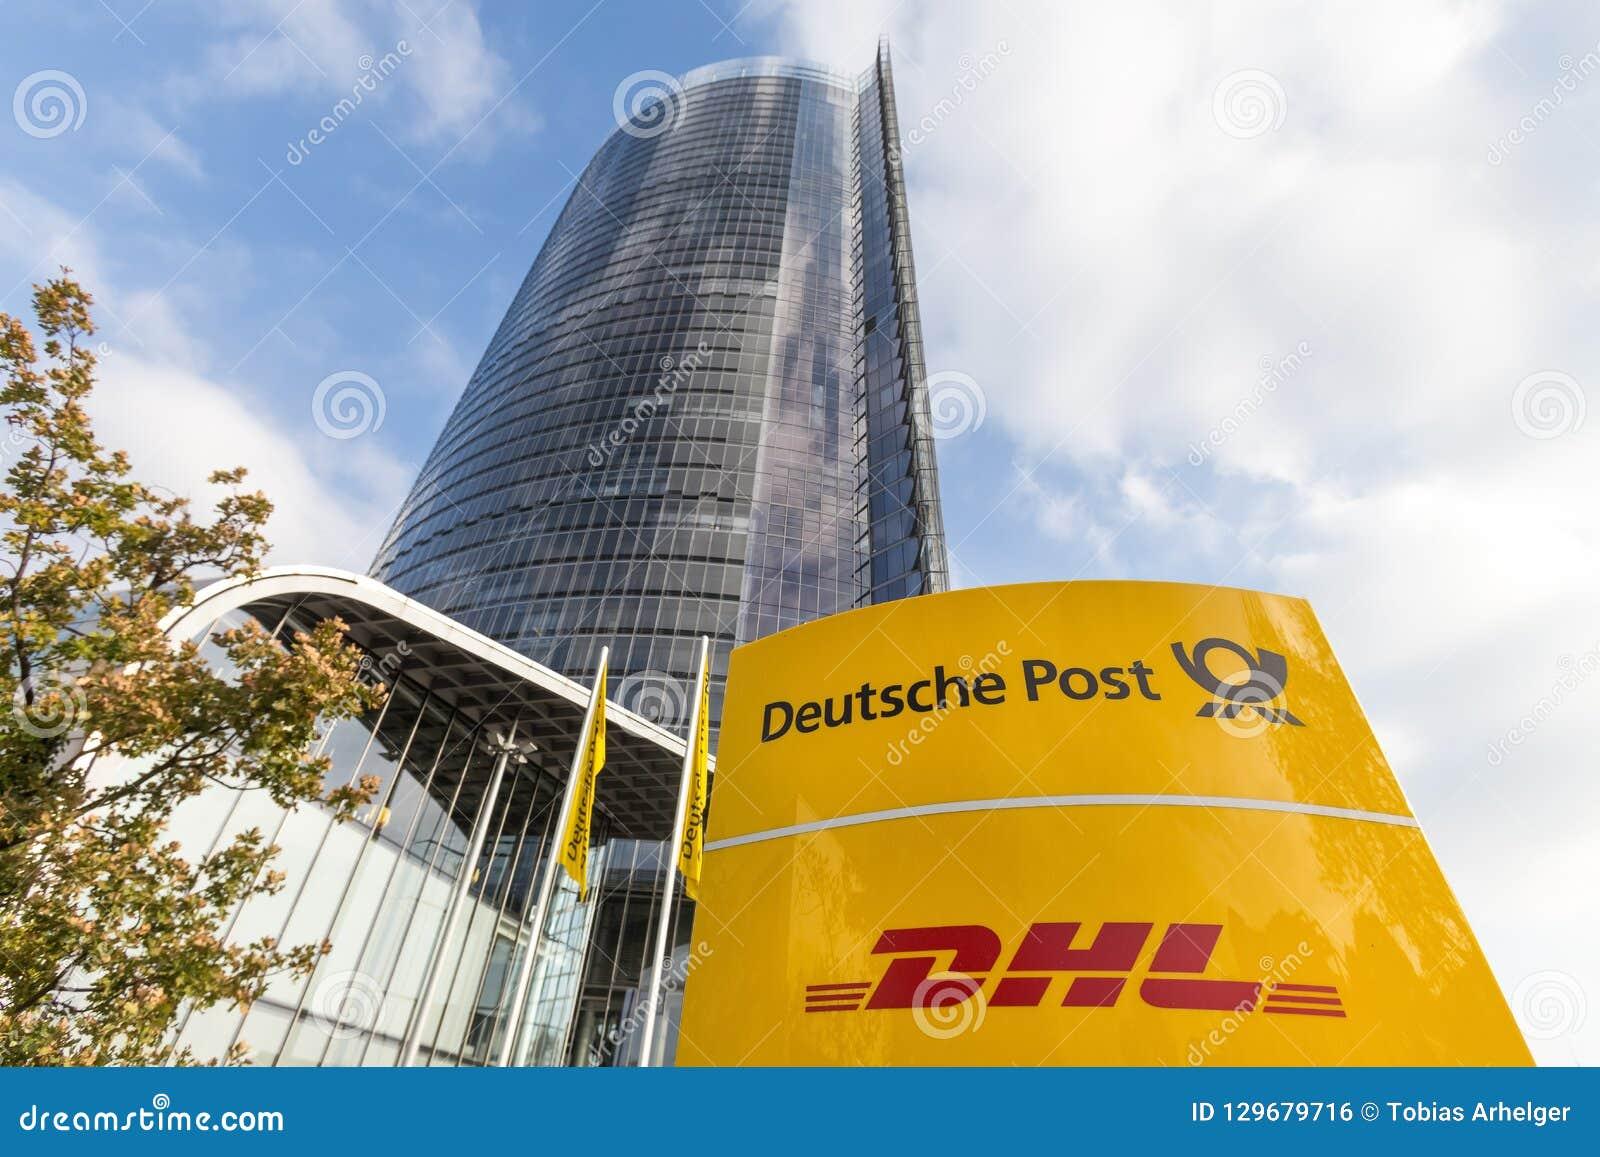 Bonn, Noordrijn-Westfalen/Duitsland - 19 10 18: deutsche postteken voor de belangrijkste posttoren in Bonn Duitsland